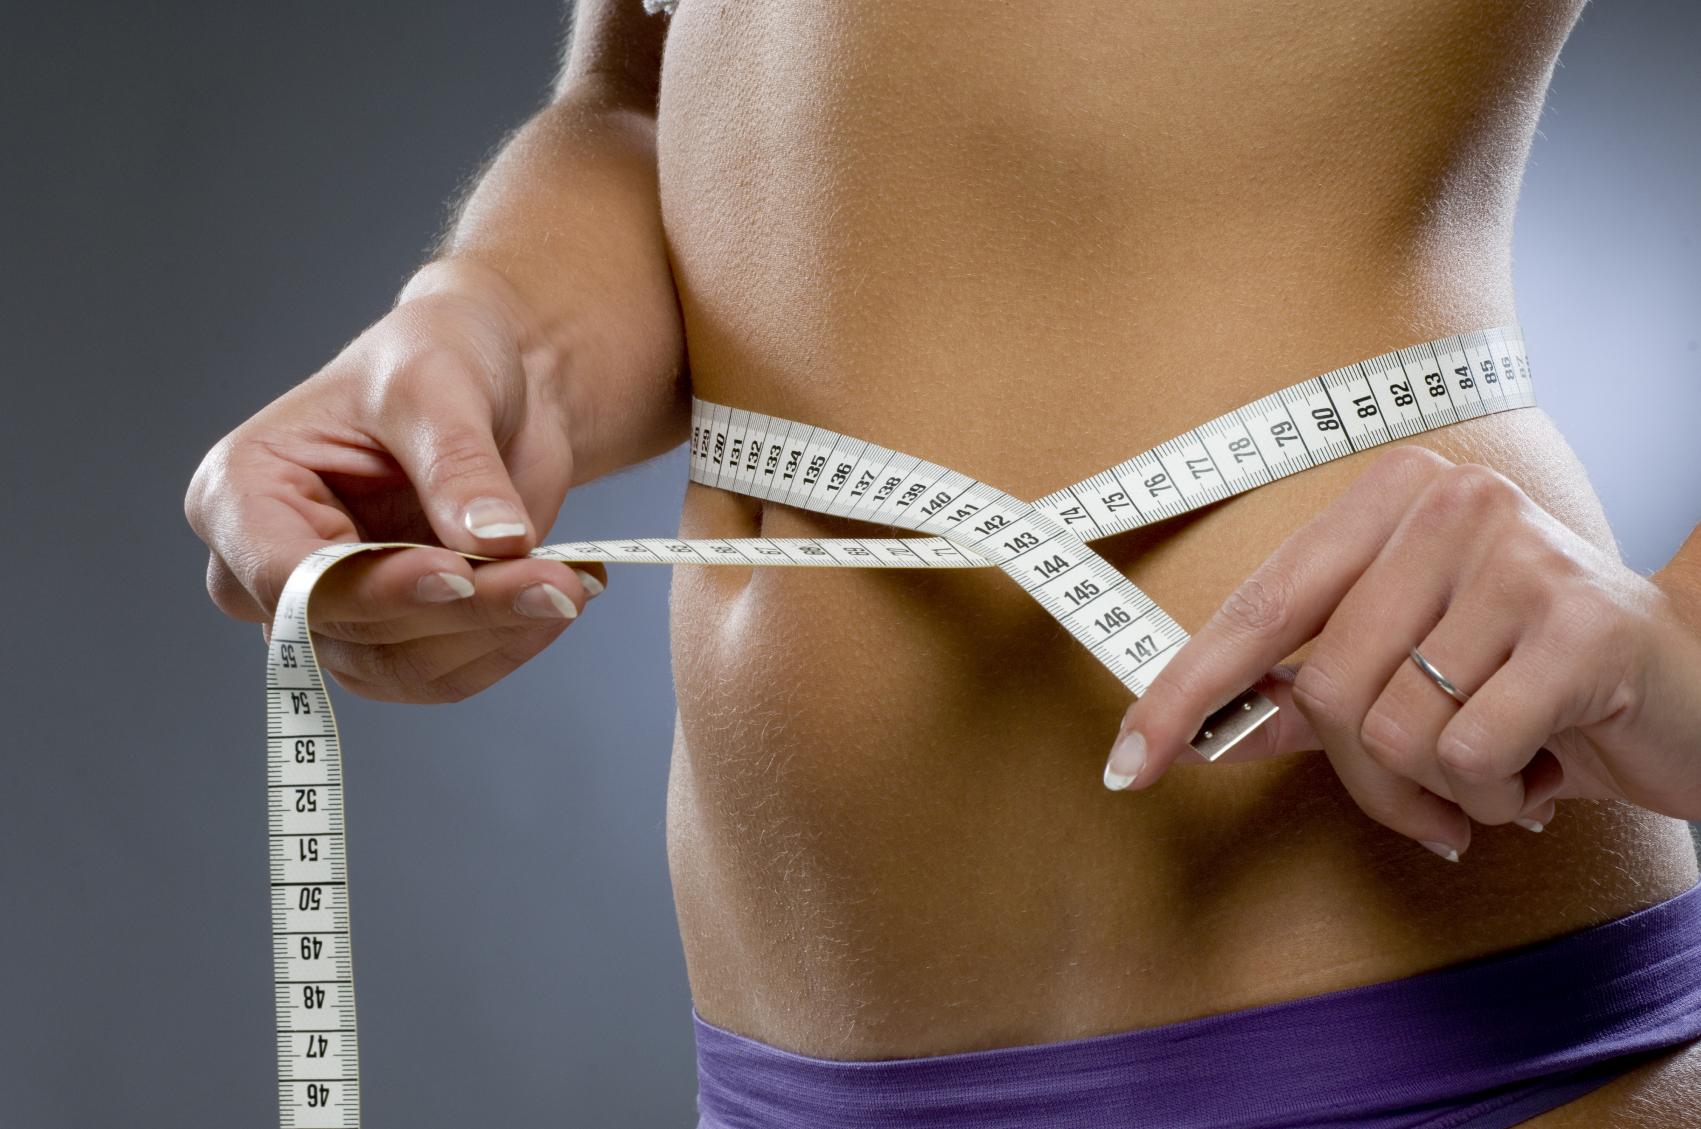 Hypothyroid weight loss pills